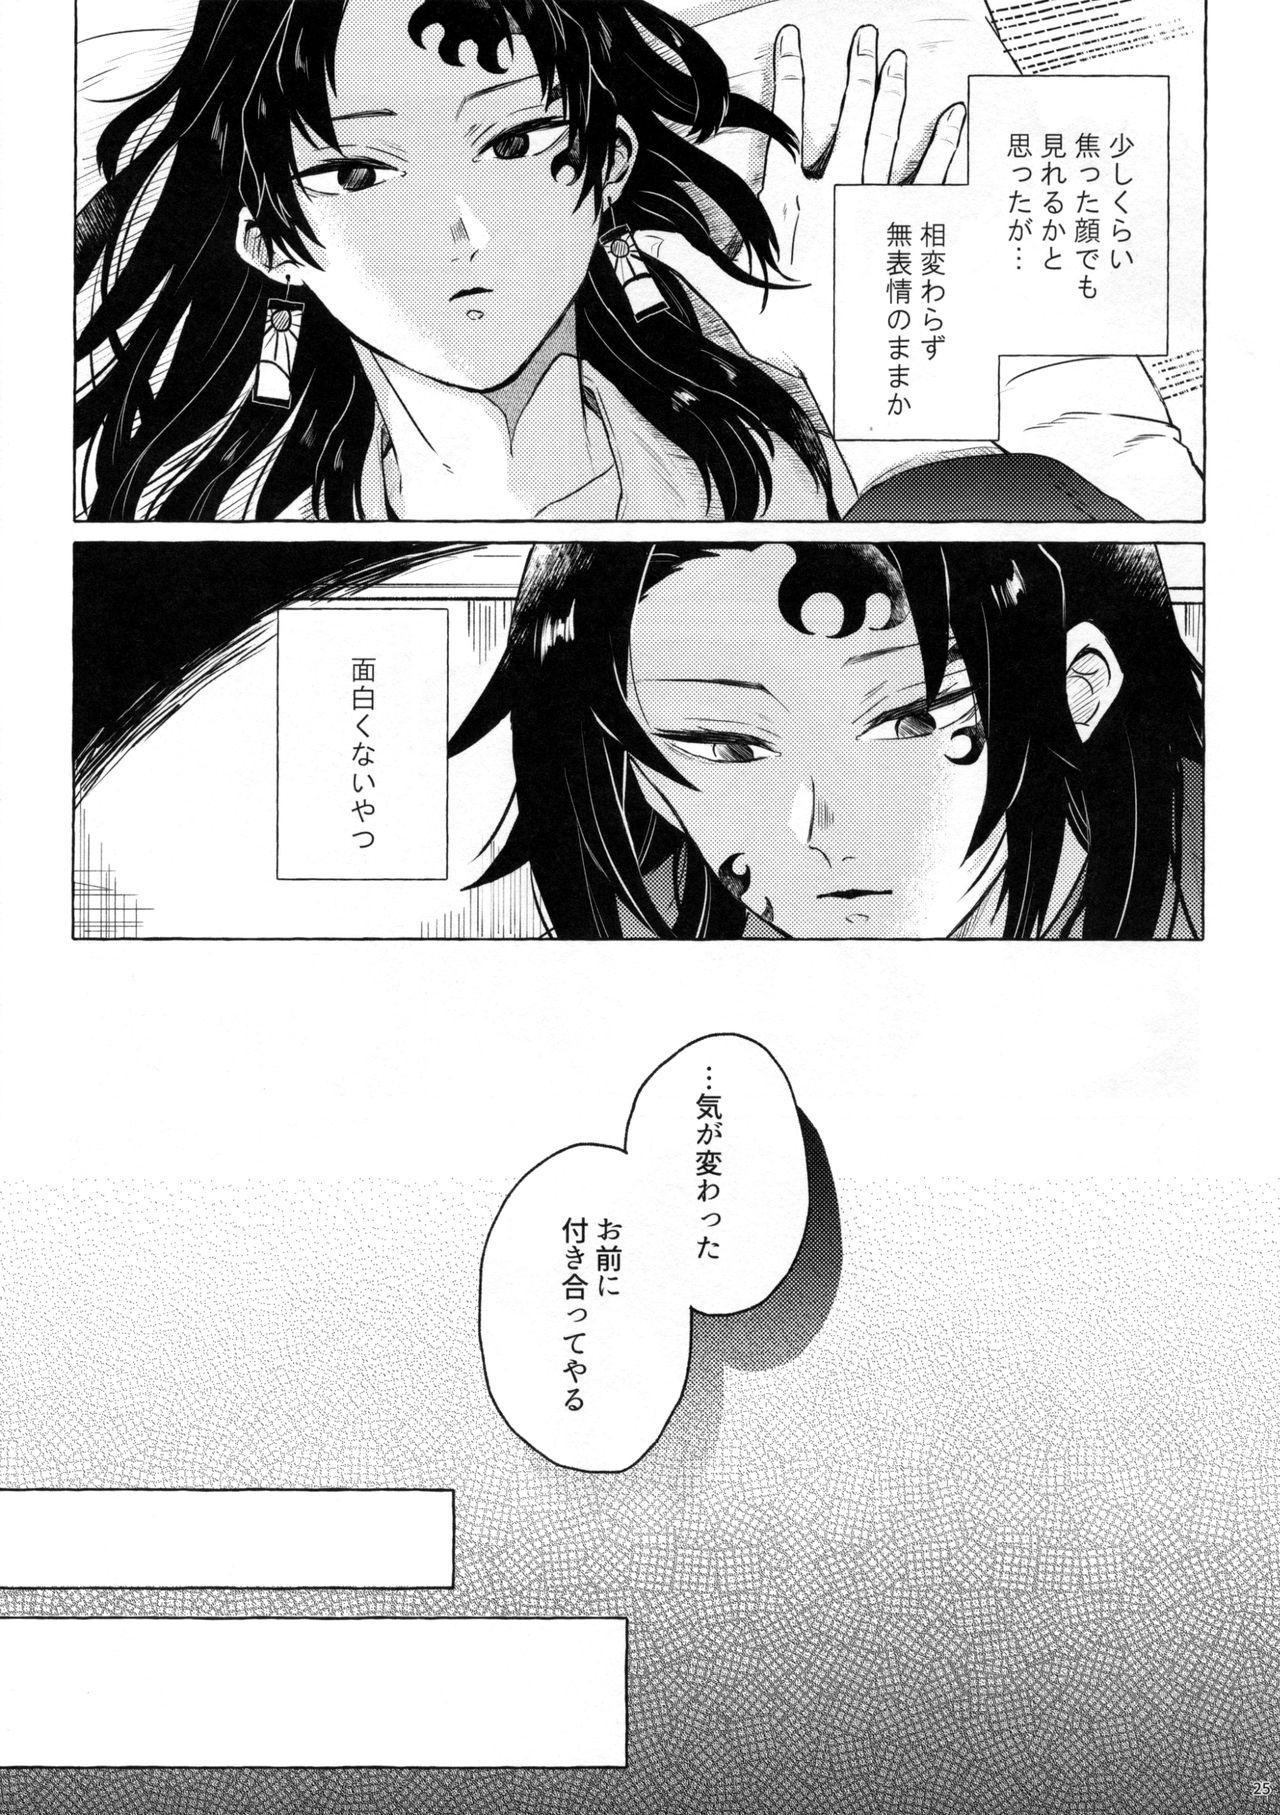 Tanoshii Jigoku no Icchoume 23